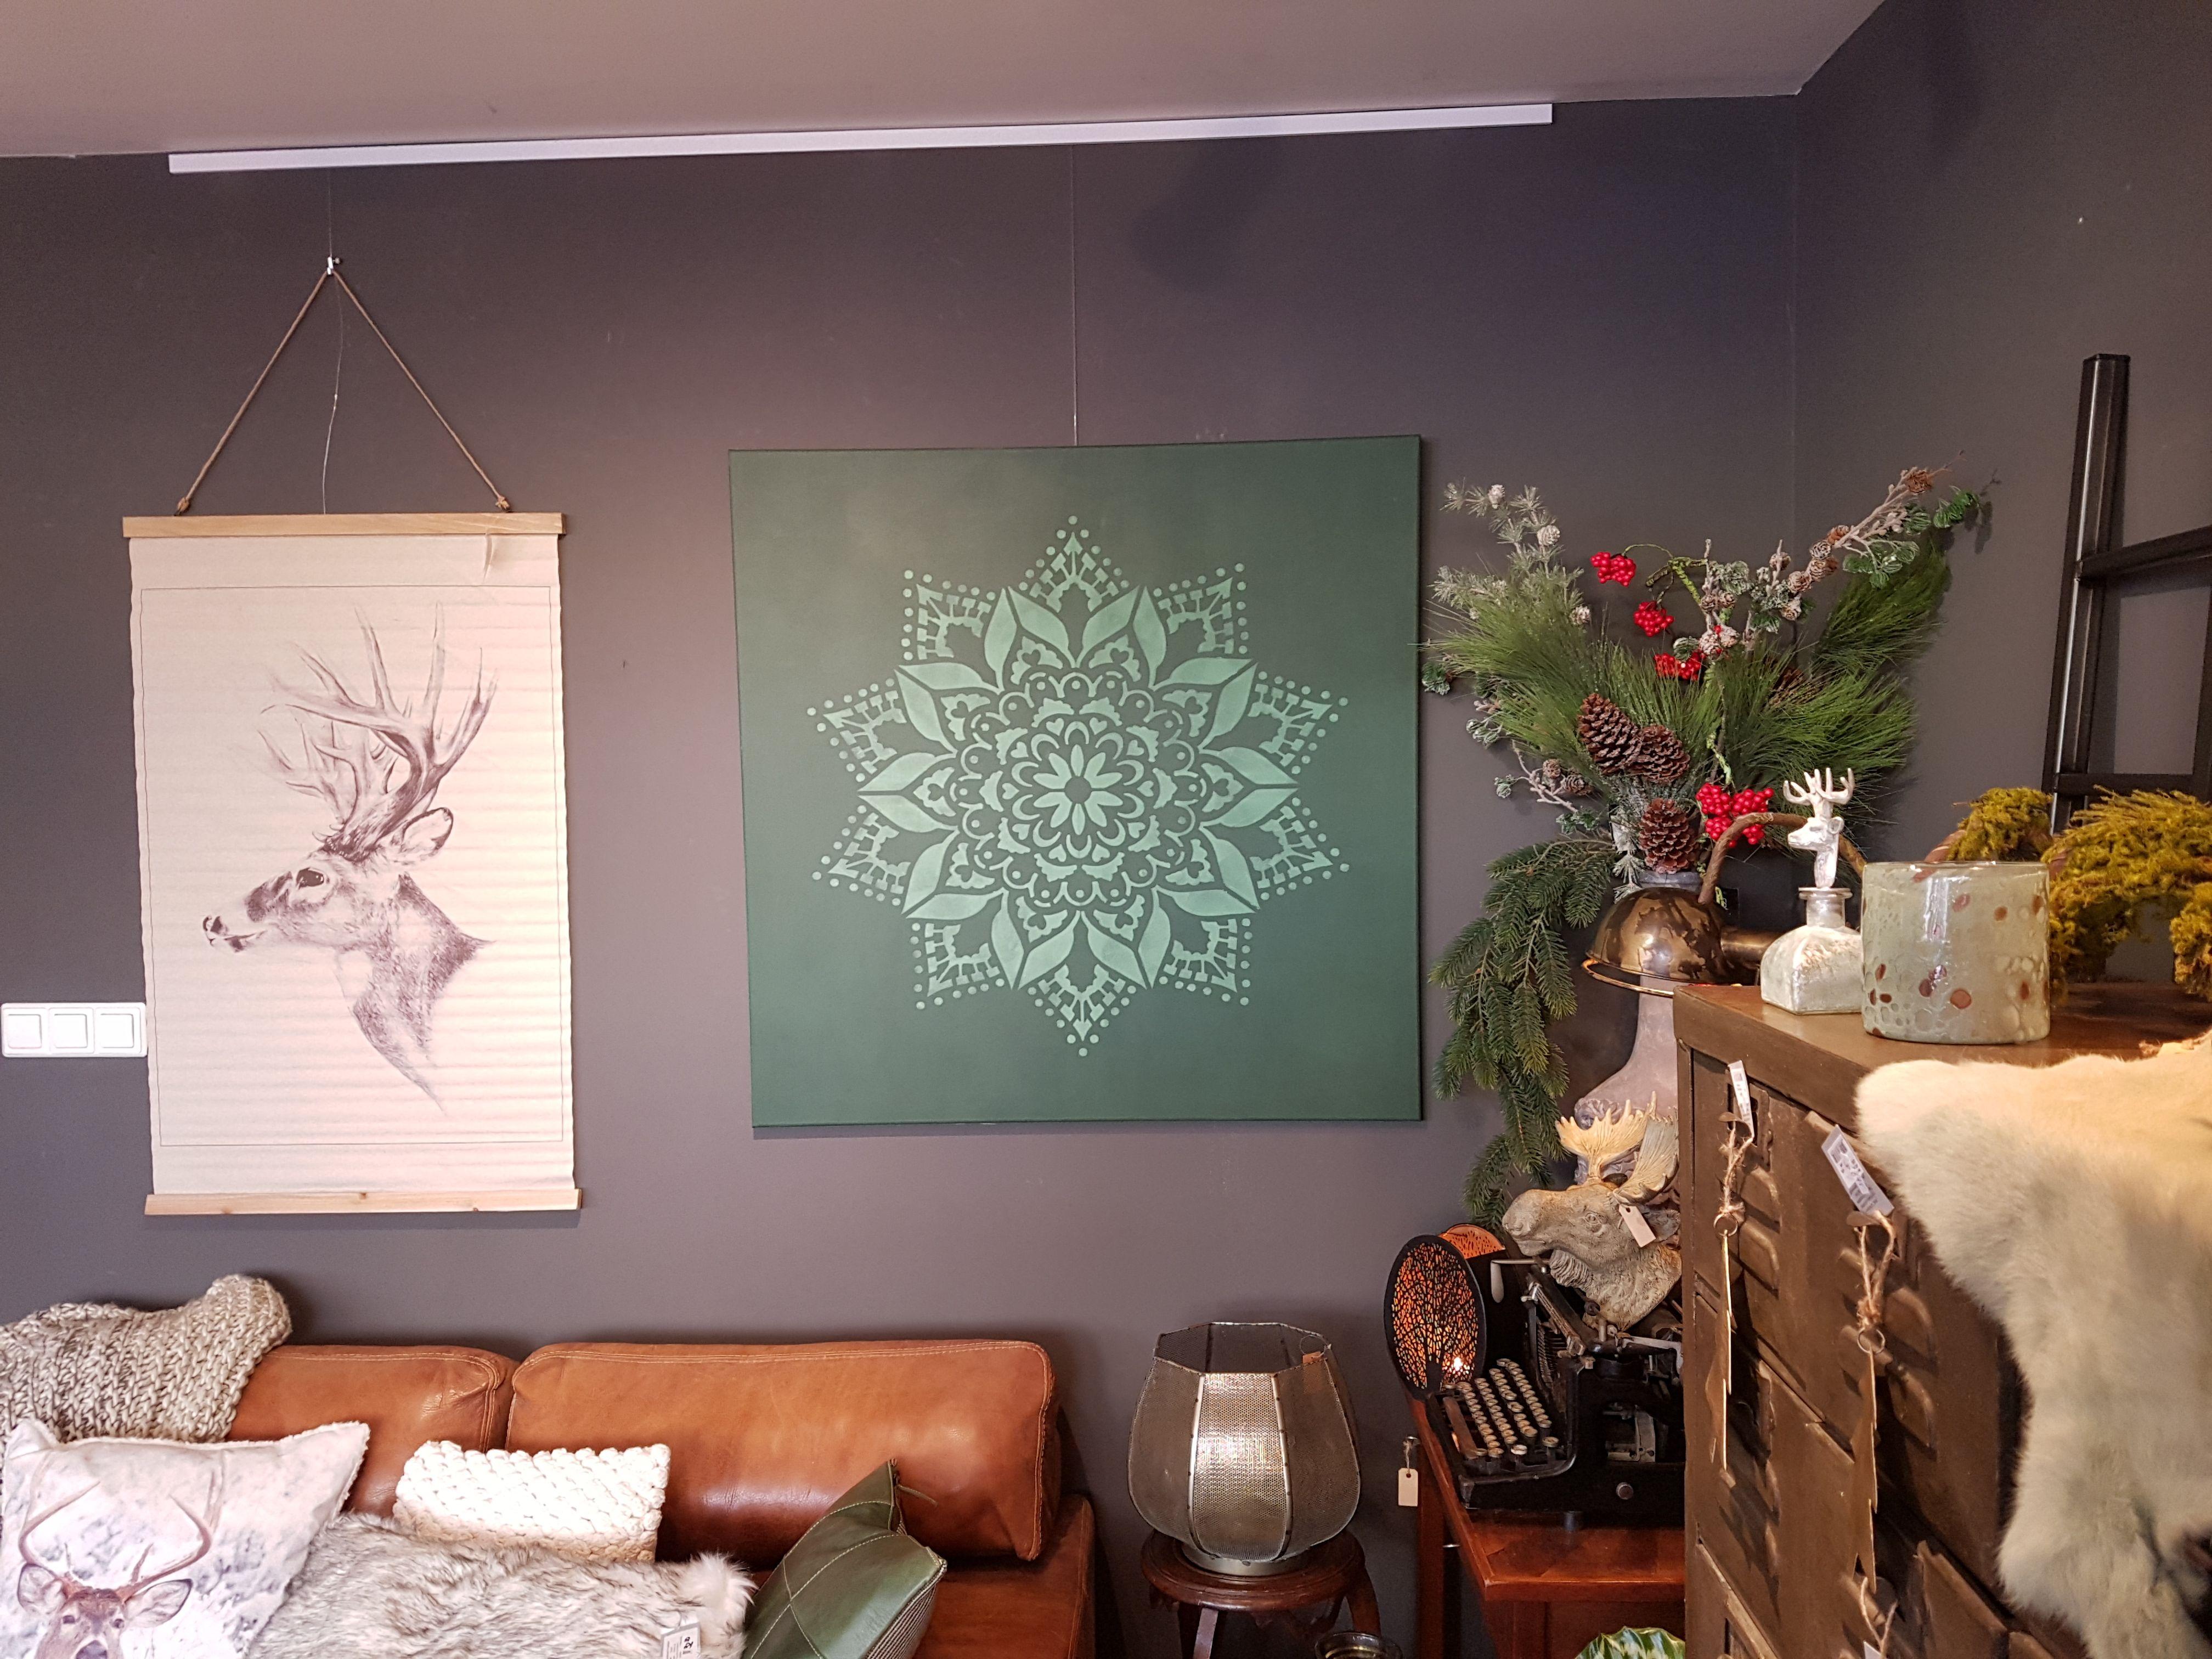 wanddecoratie schilderij in diverse kleuren te bestellen, Gaaf voor ...